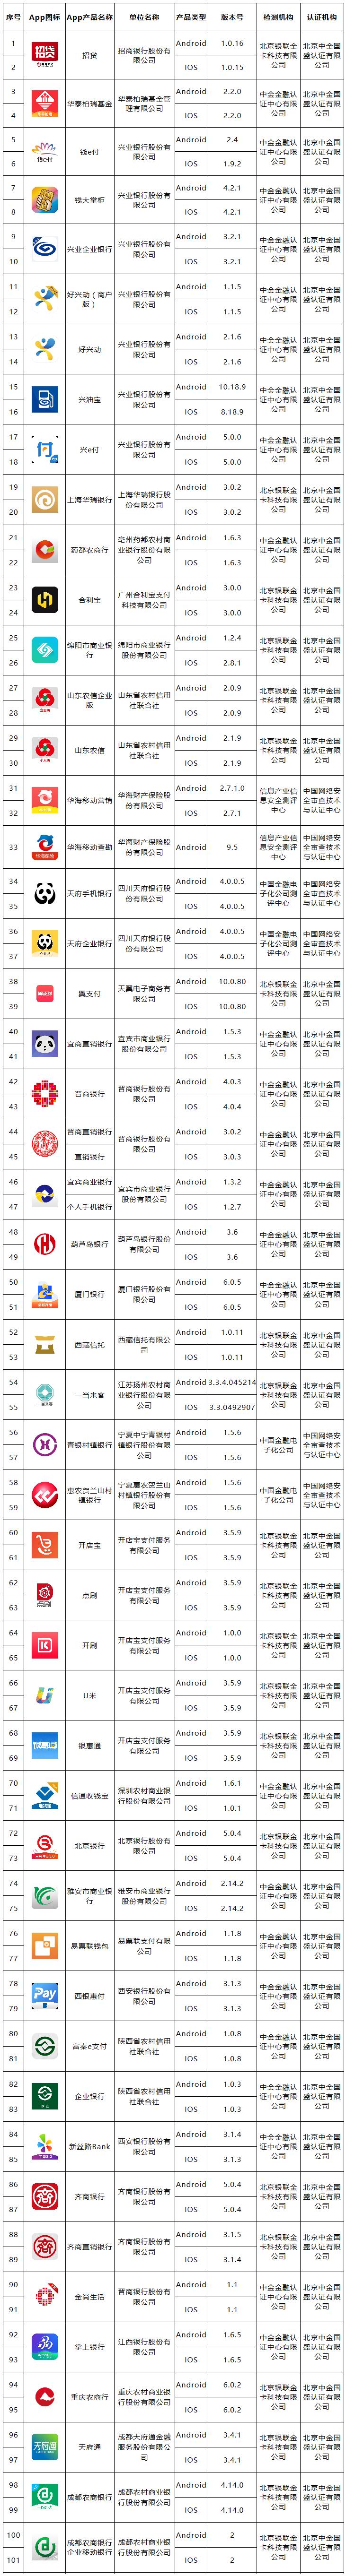 最新一批移动金融客户端应用软件拟备案名单